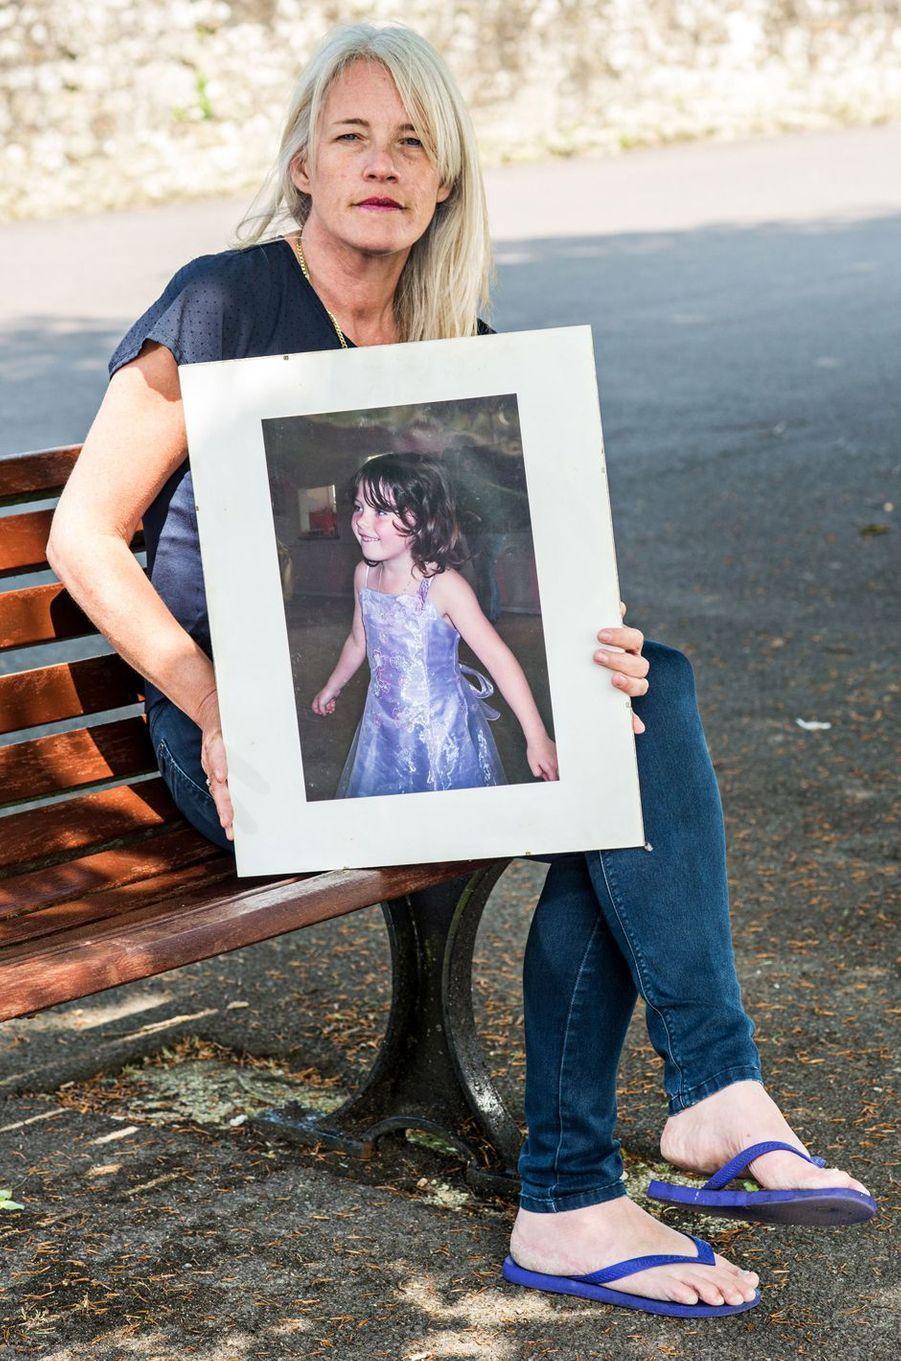 Debbie Stoner tenant le portrait de Jade, sa fille décédée.